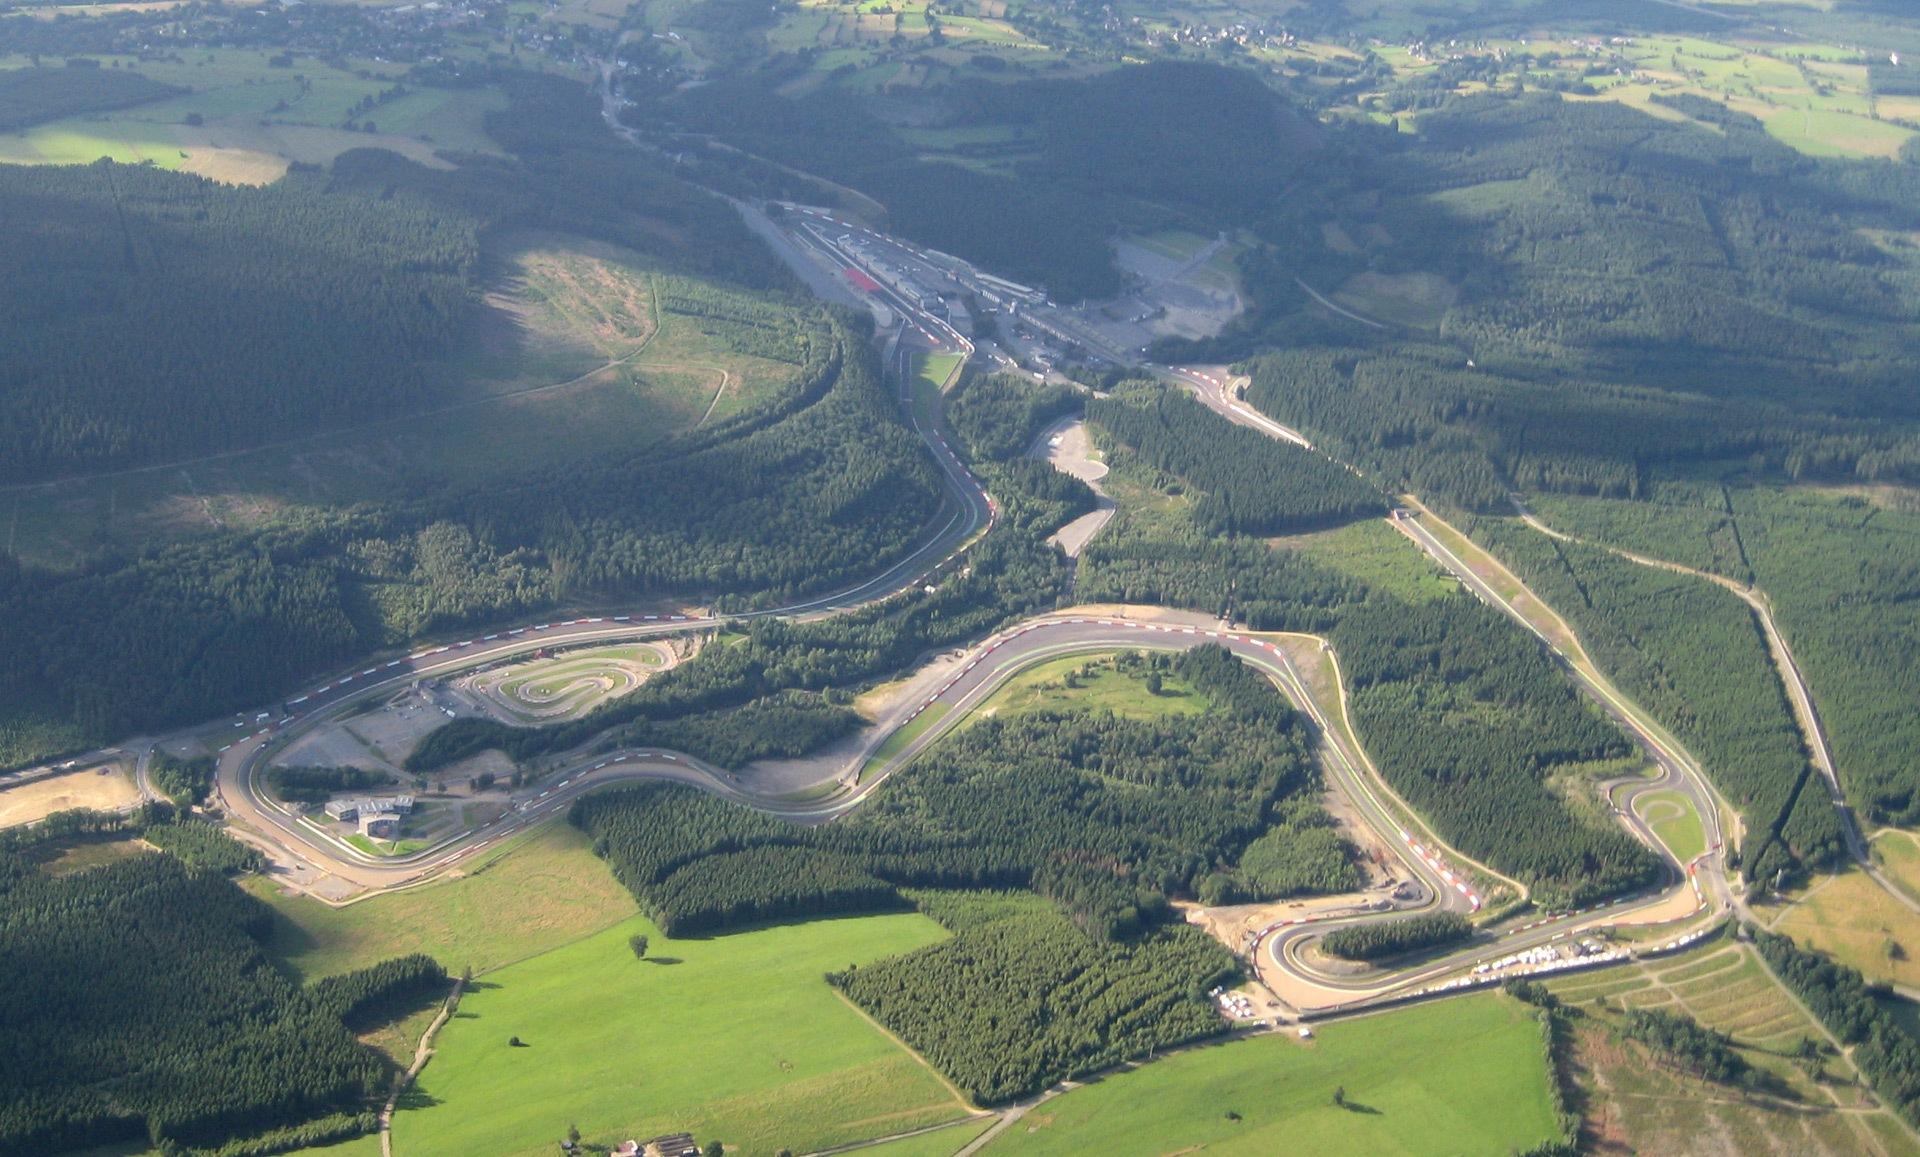 Agenda, horarios del GP de Bélgica F1 2014 y datos del circuito de Spa-Francorchamps